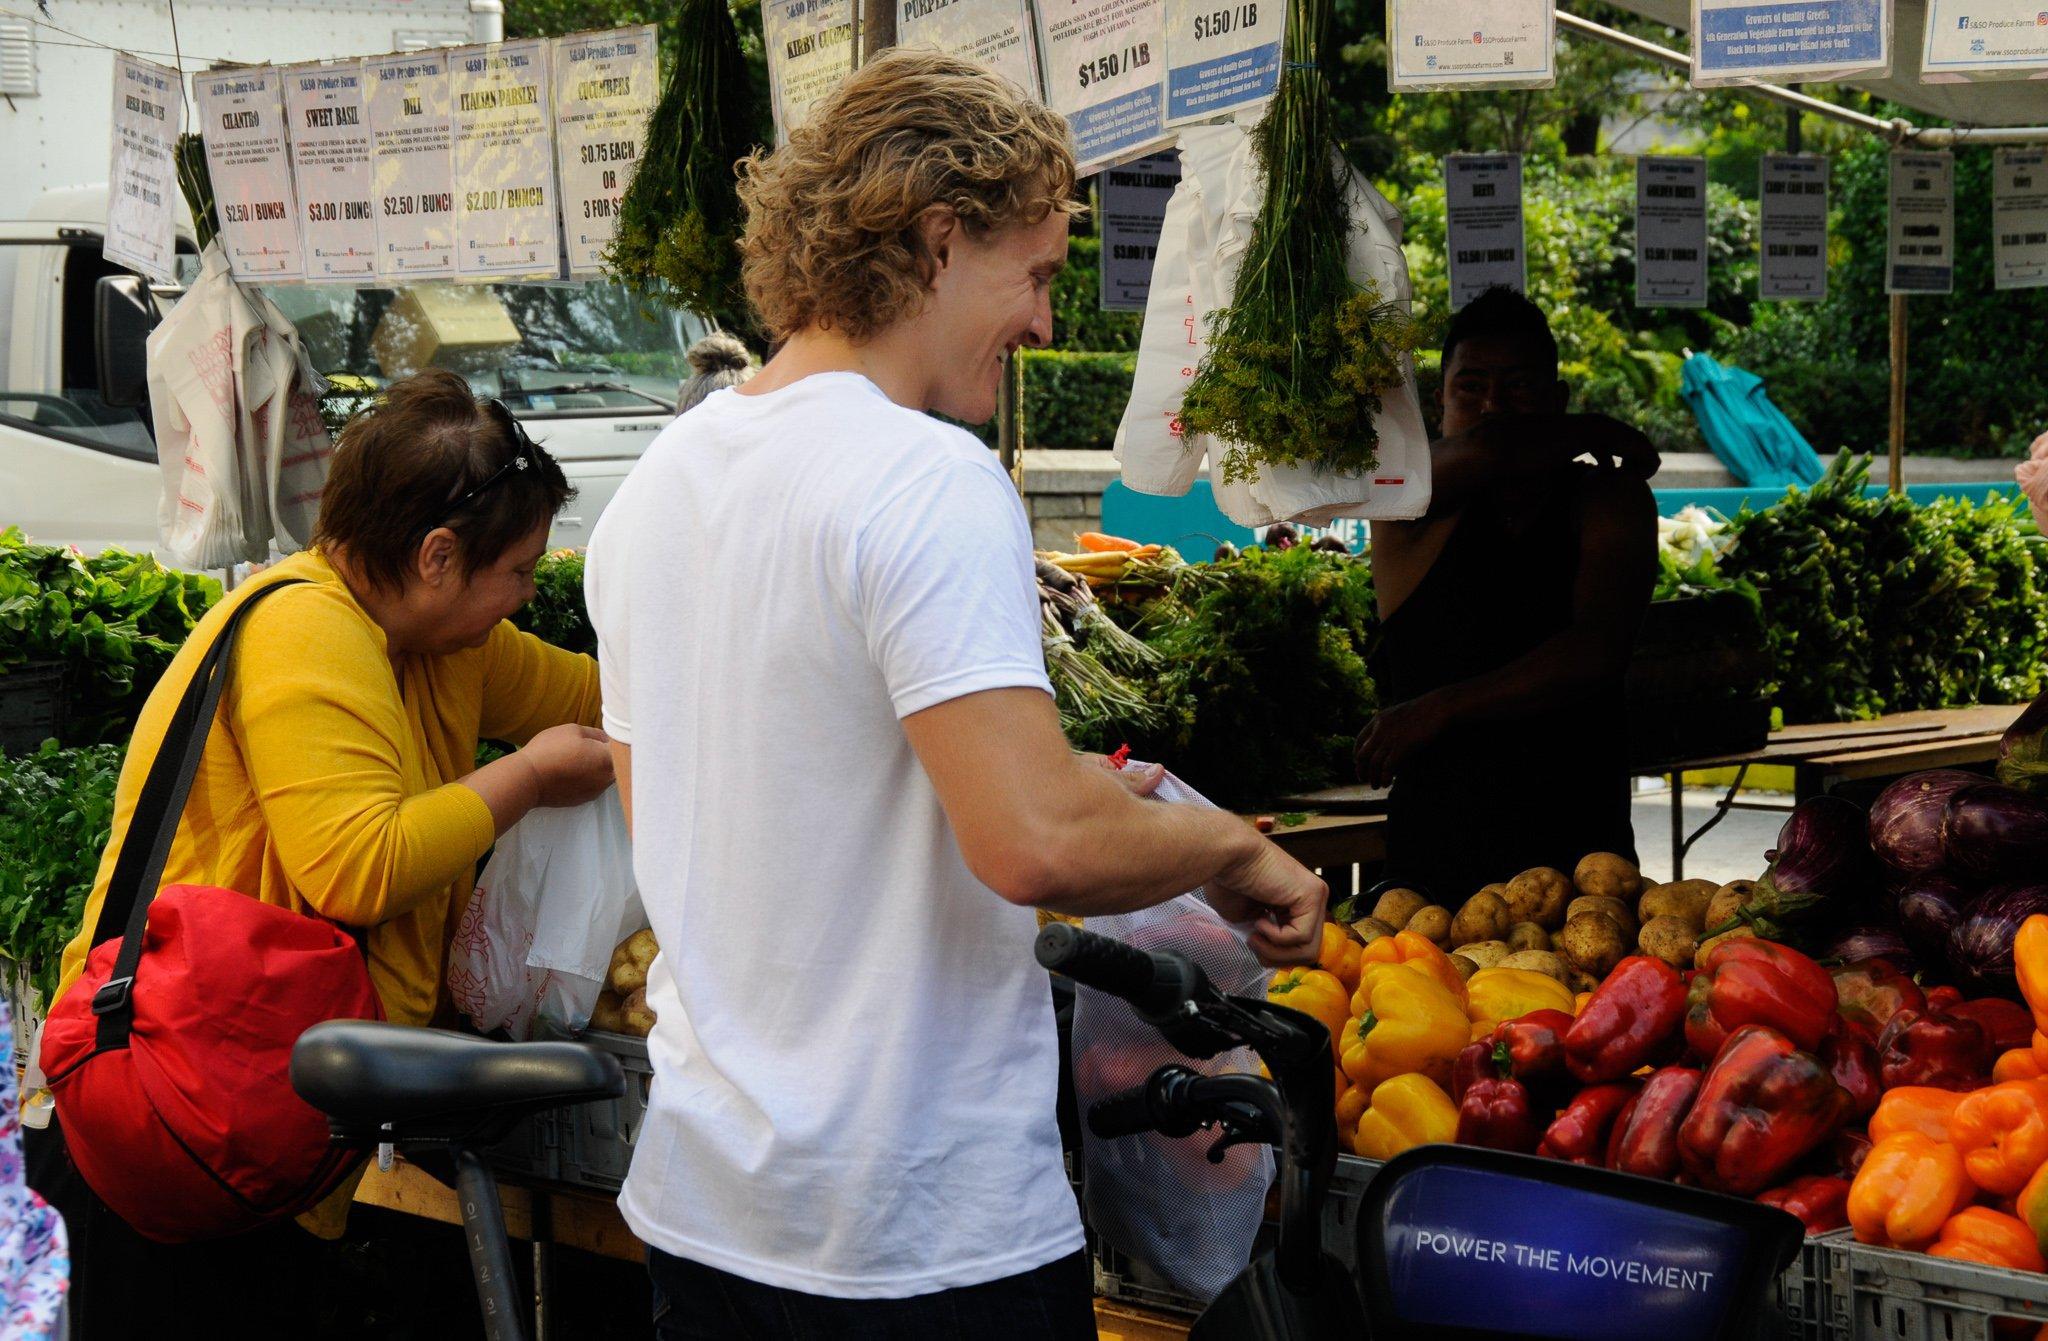 Matthew Maitland visite un marché de producteurs locaux. Crédit : David Valerio